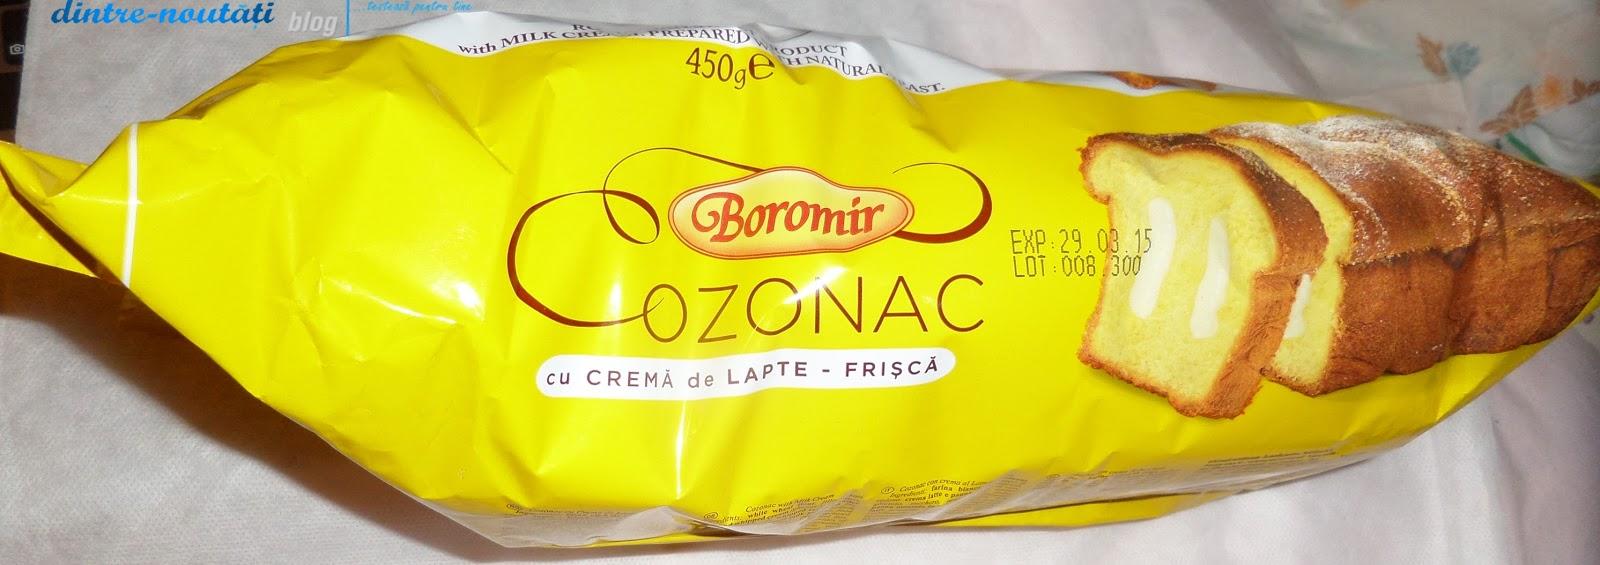 COZONAC Boromir